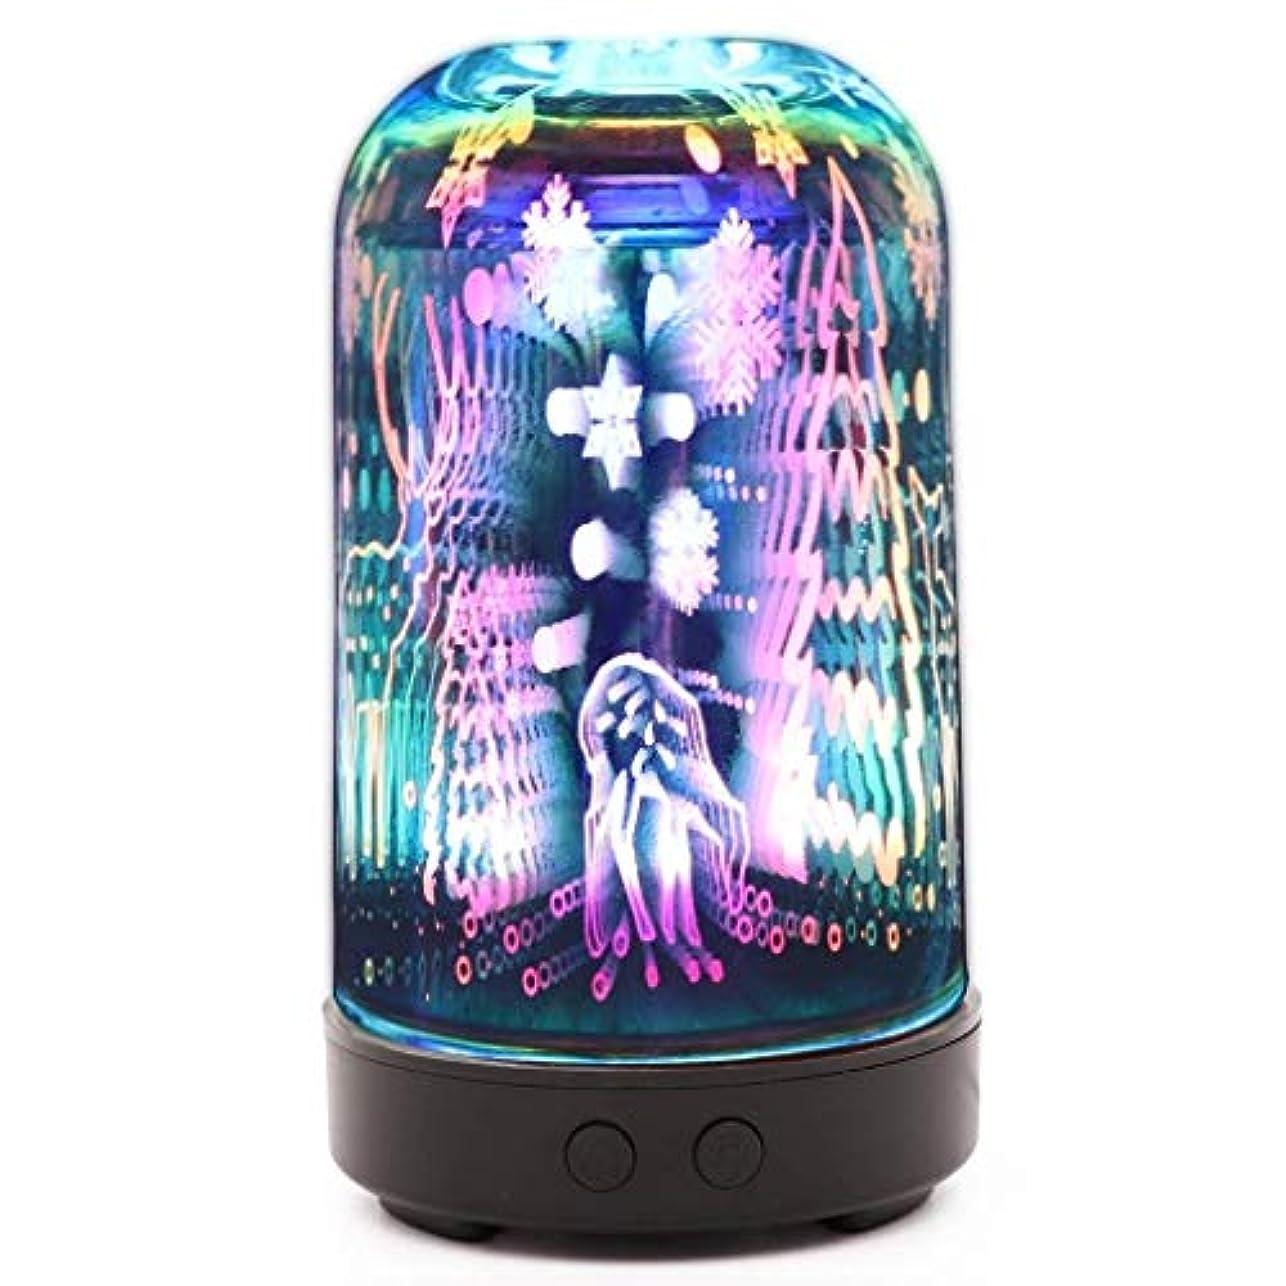 保存望みドリンク3dガラスエッセンシャルオイルディフューザー、100ミリリットルアロマセラピー超音波クールミスト空気加湿器自動シャットオフ機能ホームオフィス用ヨガスパ (Color : B)